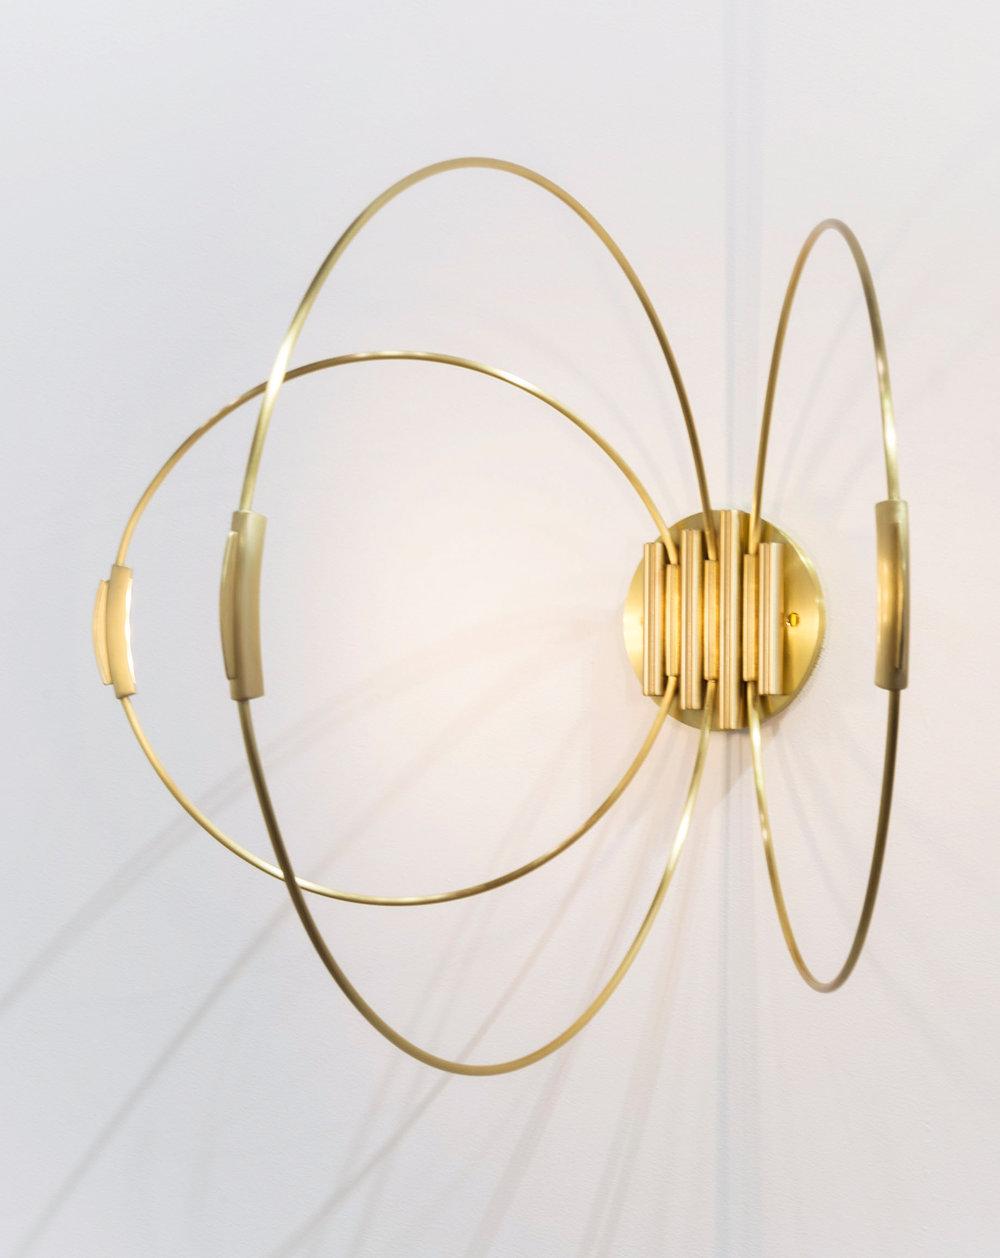 3-rings-sconce-elish-warlop-3.jpg